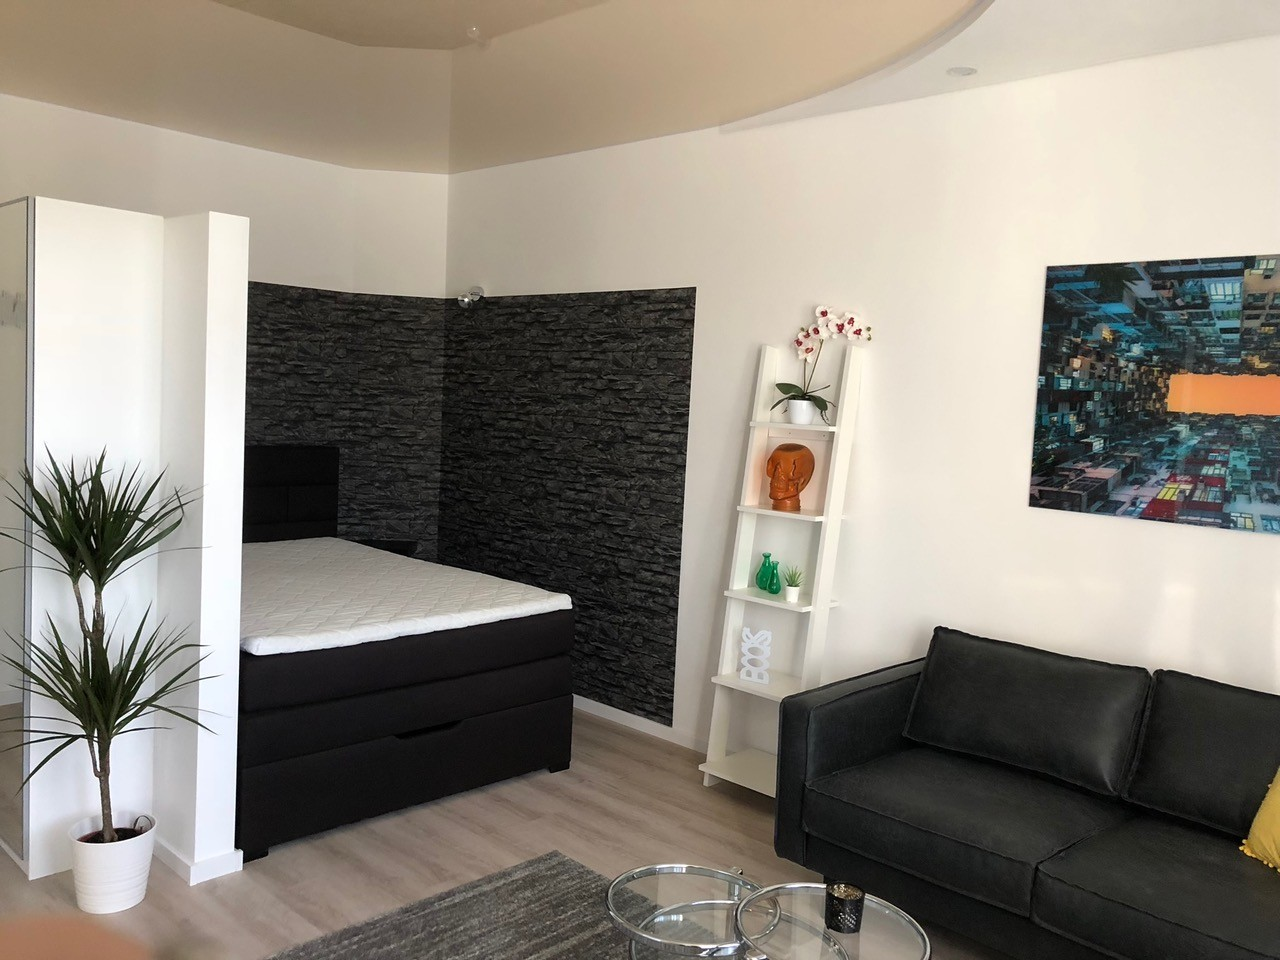 frankfurt r delheim 1 zimmer wohnung 4720 wohnraumagentur. Black Bedroom Furniture Sets. Home Design Ideas